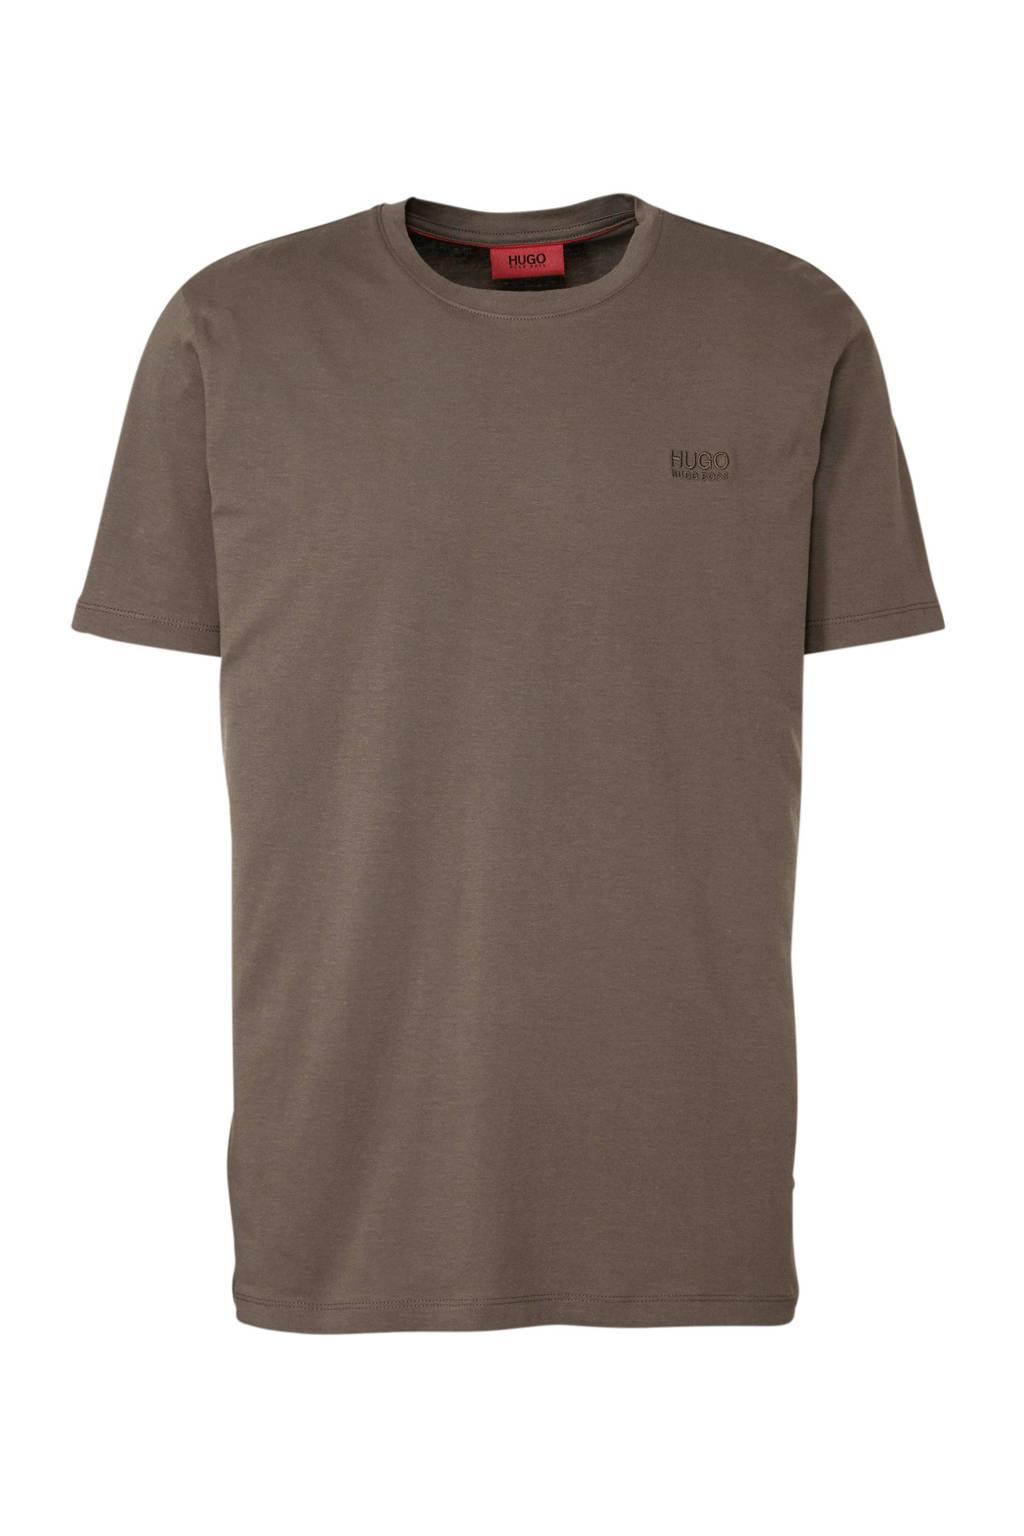 HUGO T-shirt bruin, Bruin